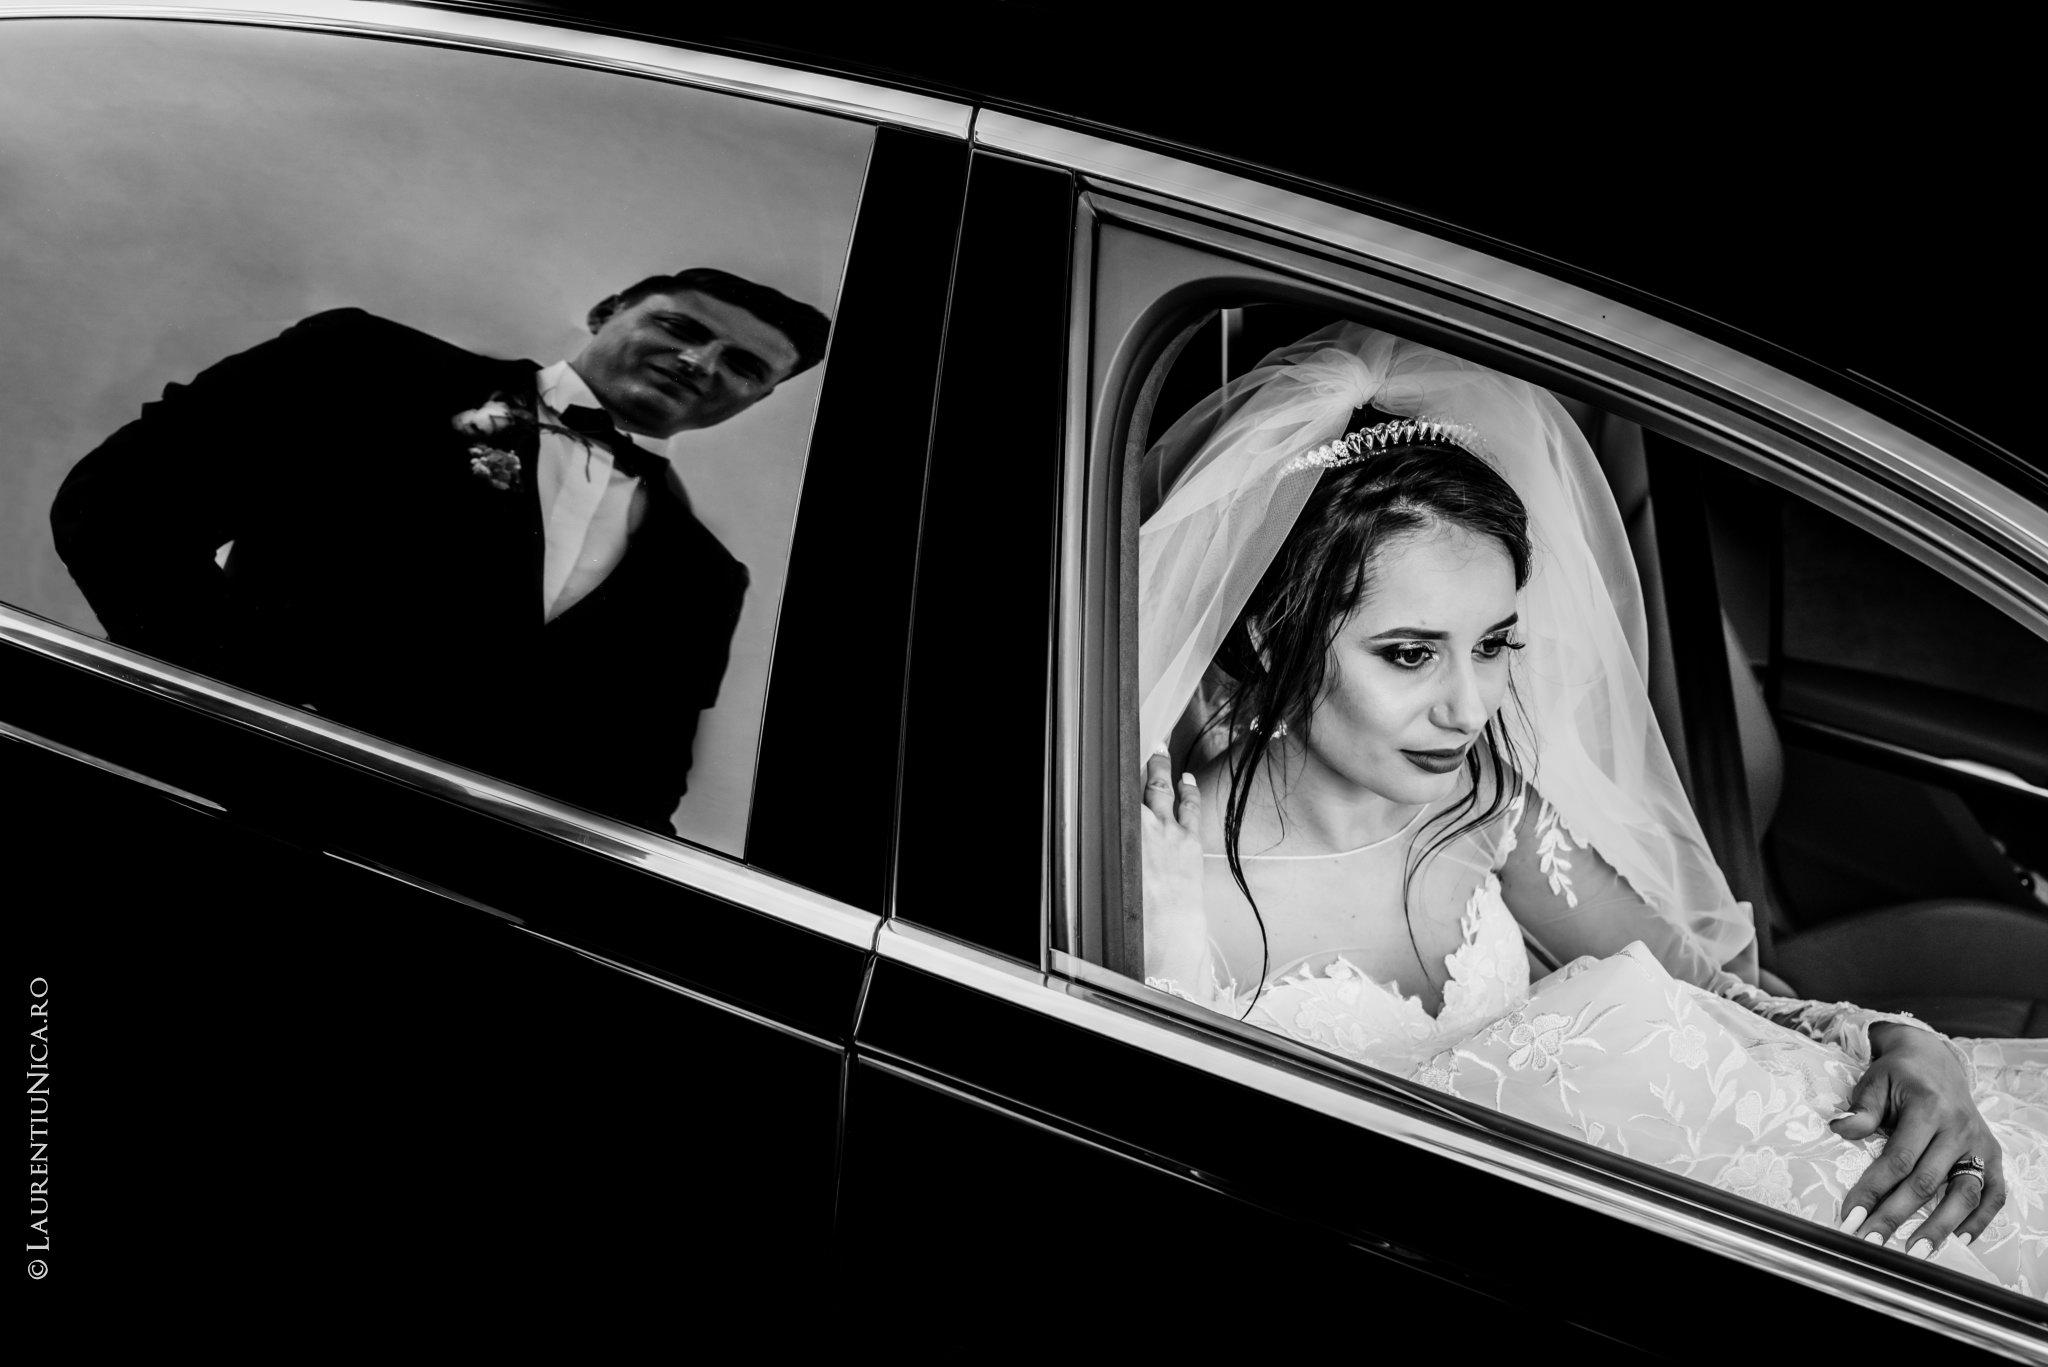 fotografii nunta denisa si florin craiova 29 - Denisa & Florin | Fotografii nunta | Craiova